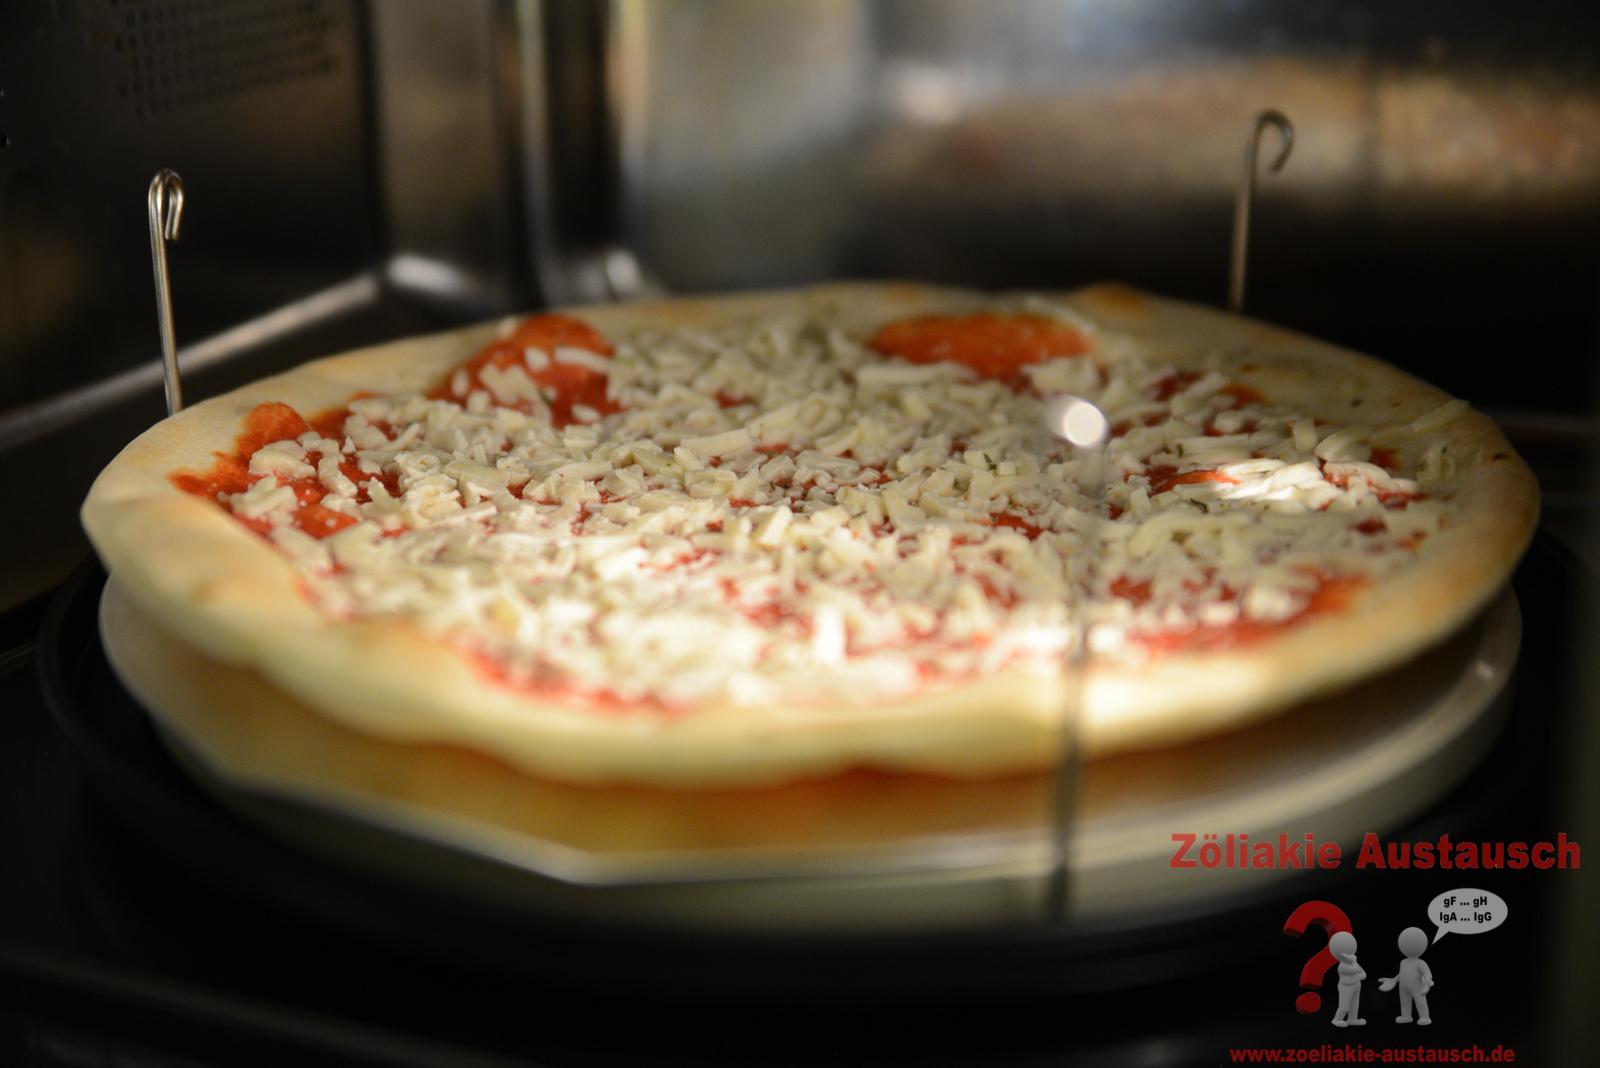 Schaer_Pizza-Zoeliakie_Austausch_022